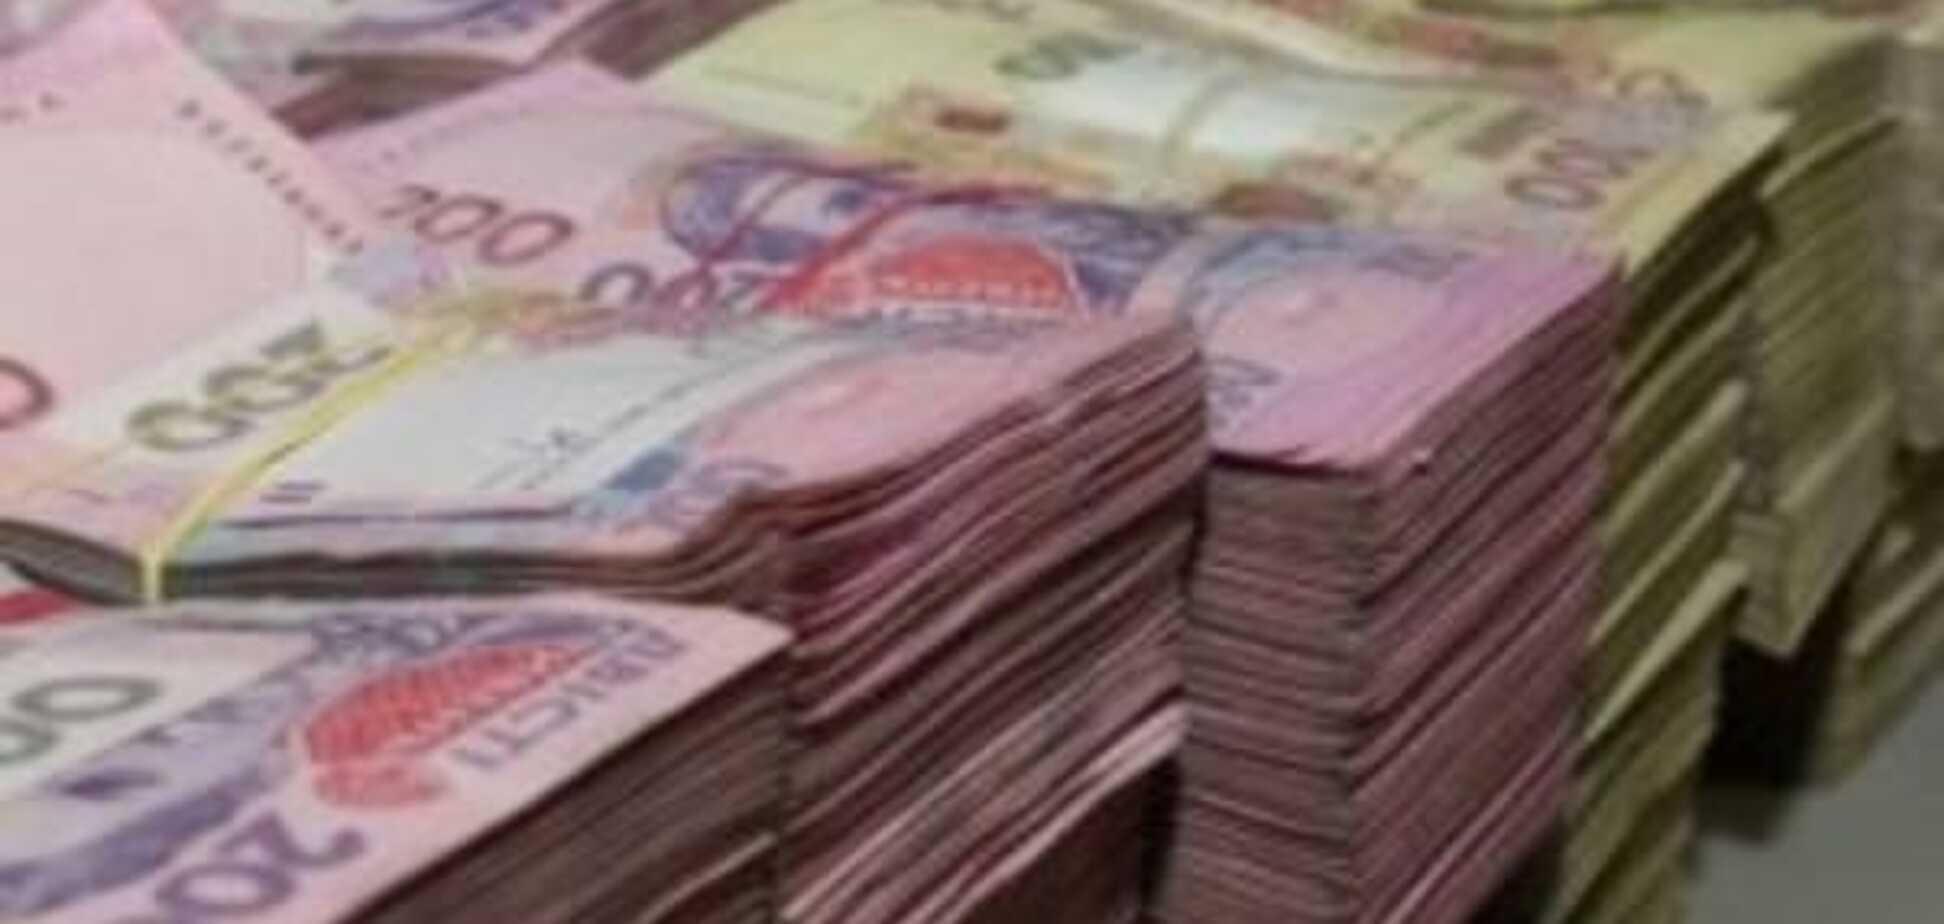 Бывших топ-менеджеров 'Мрии' поймали на неуплате 3 млн грн налогов